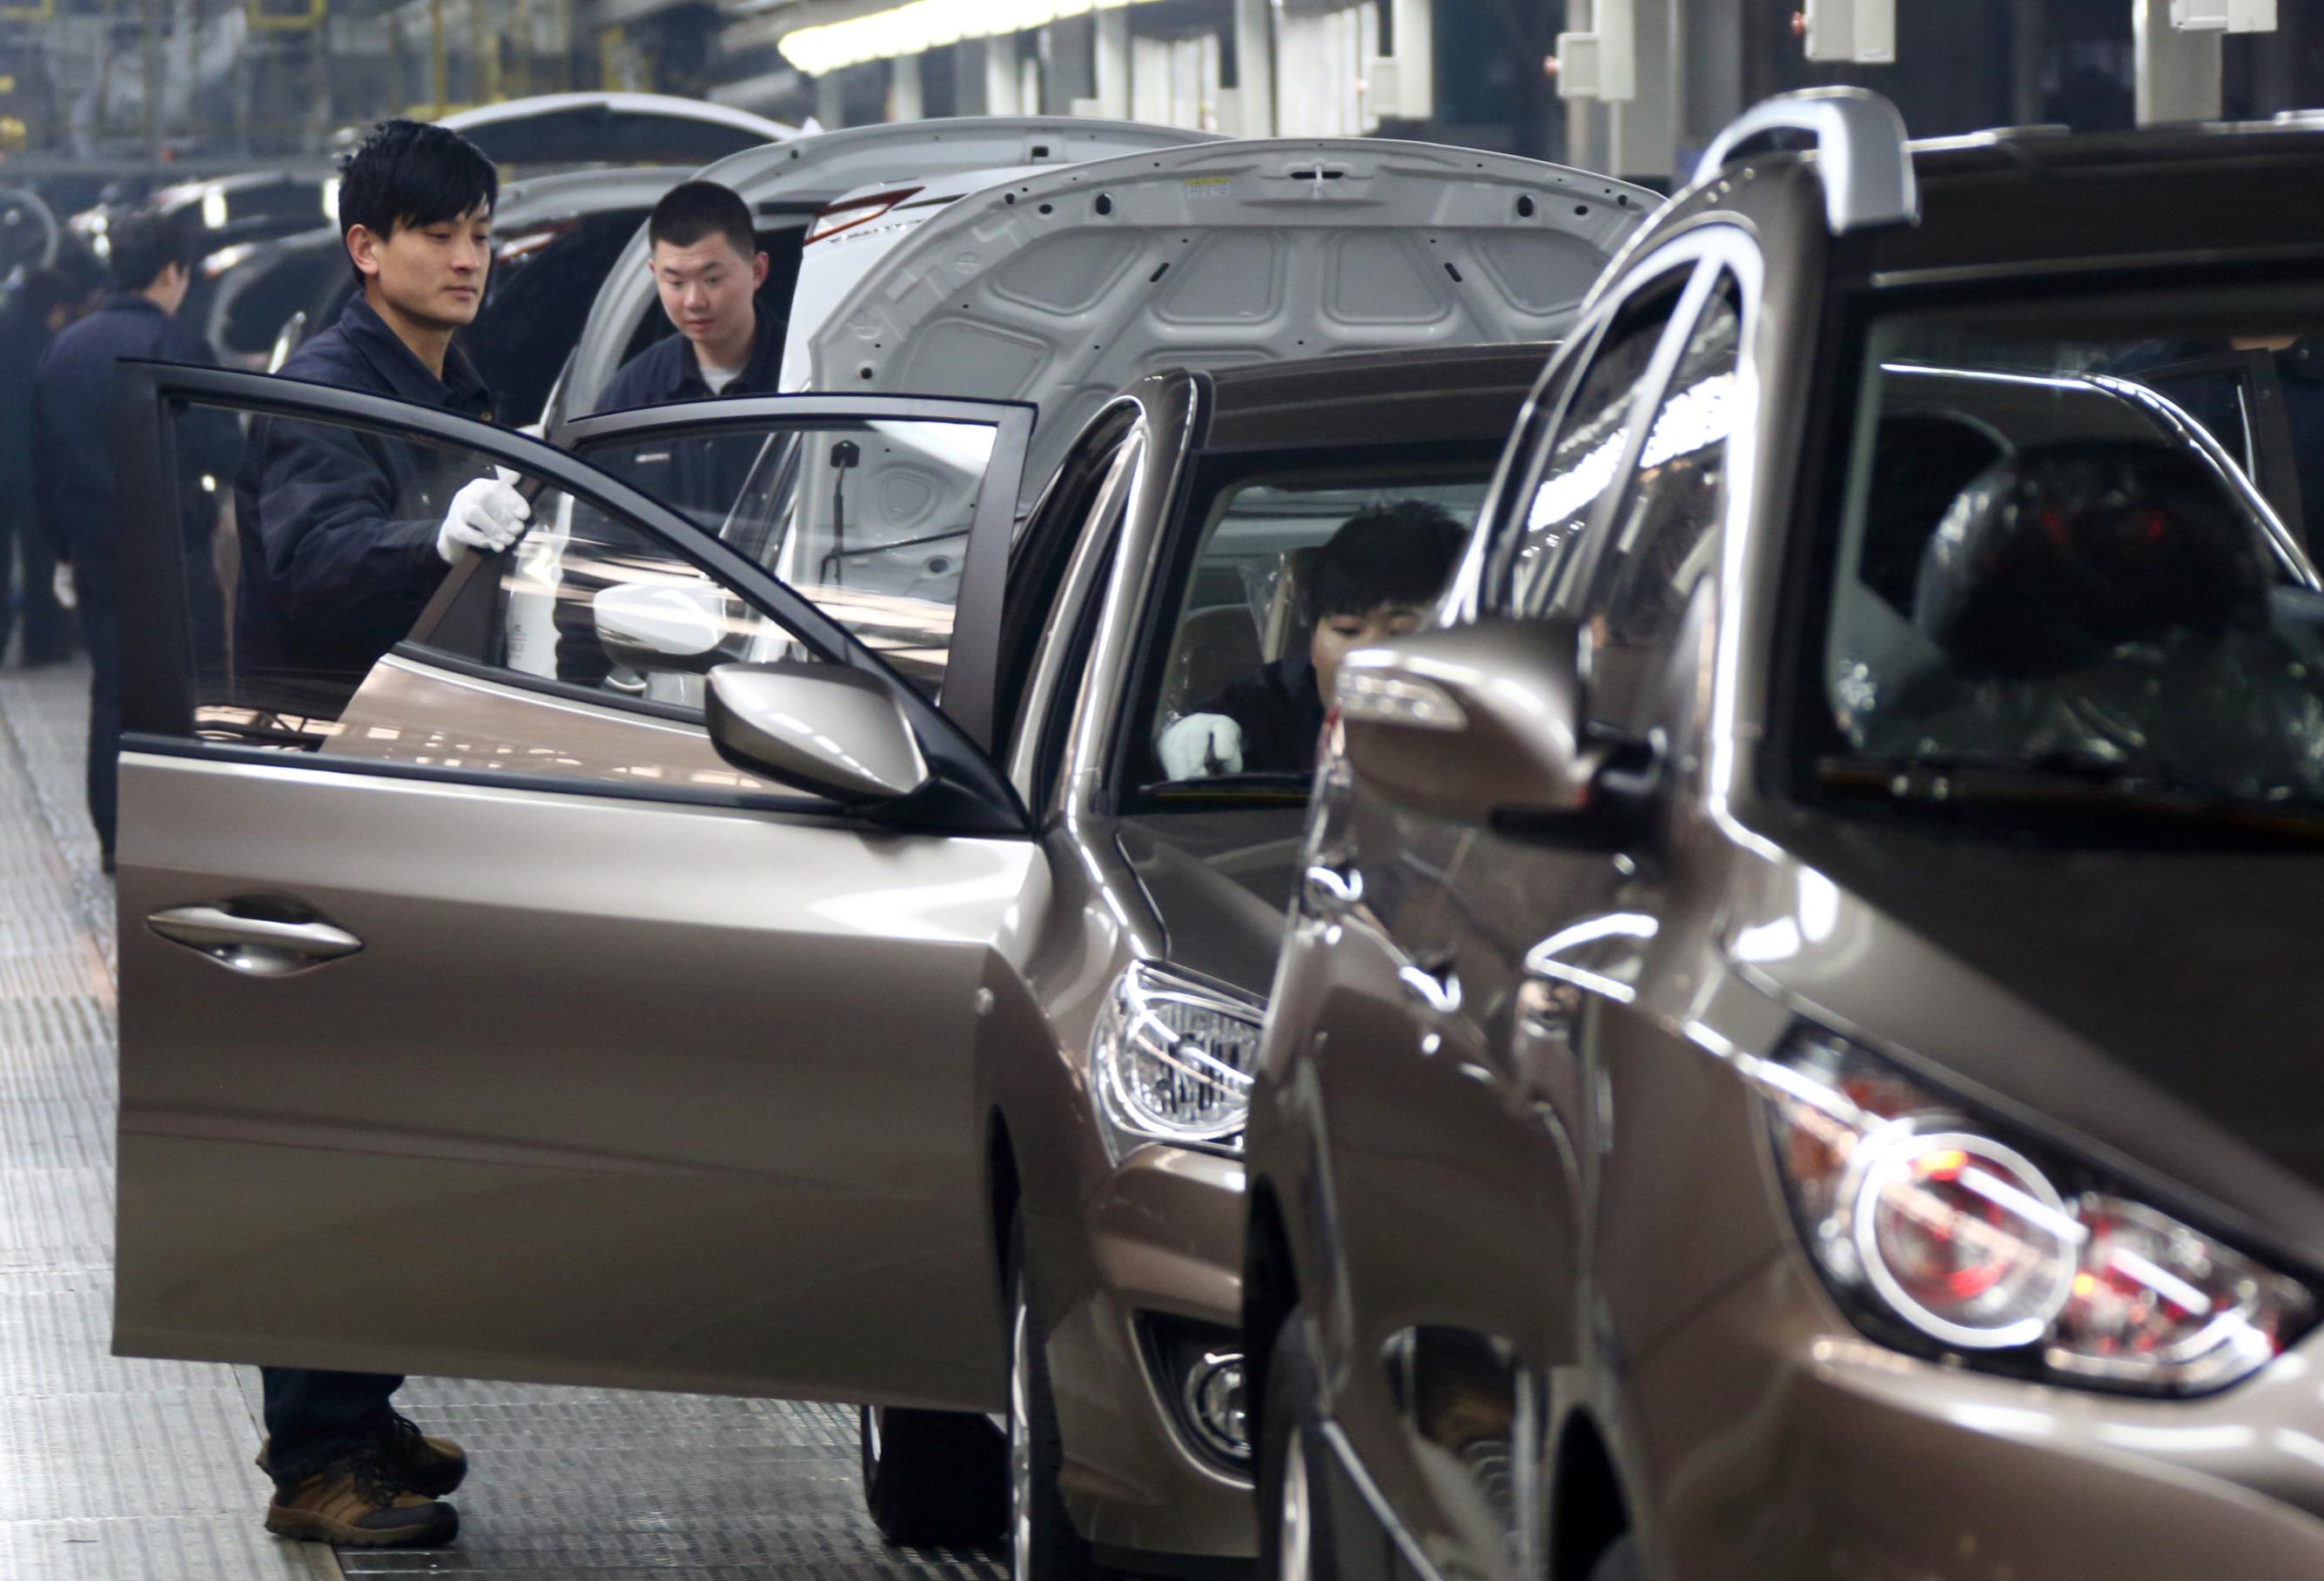 Hyundai motor company yahoo finance - Hyundai Motor Company Yahoo Finance 5